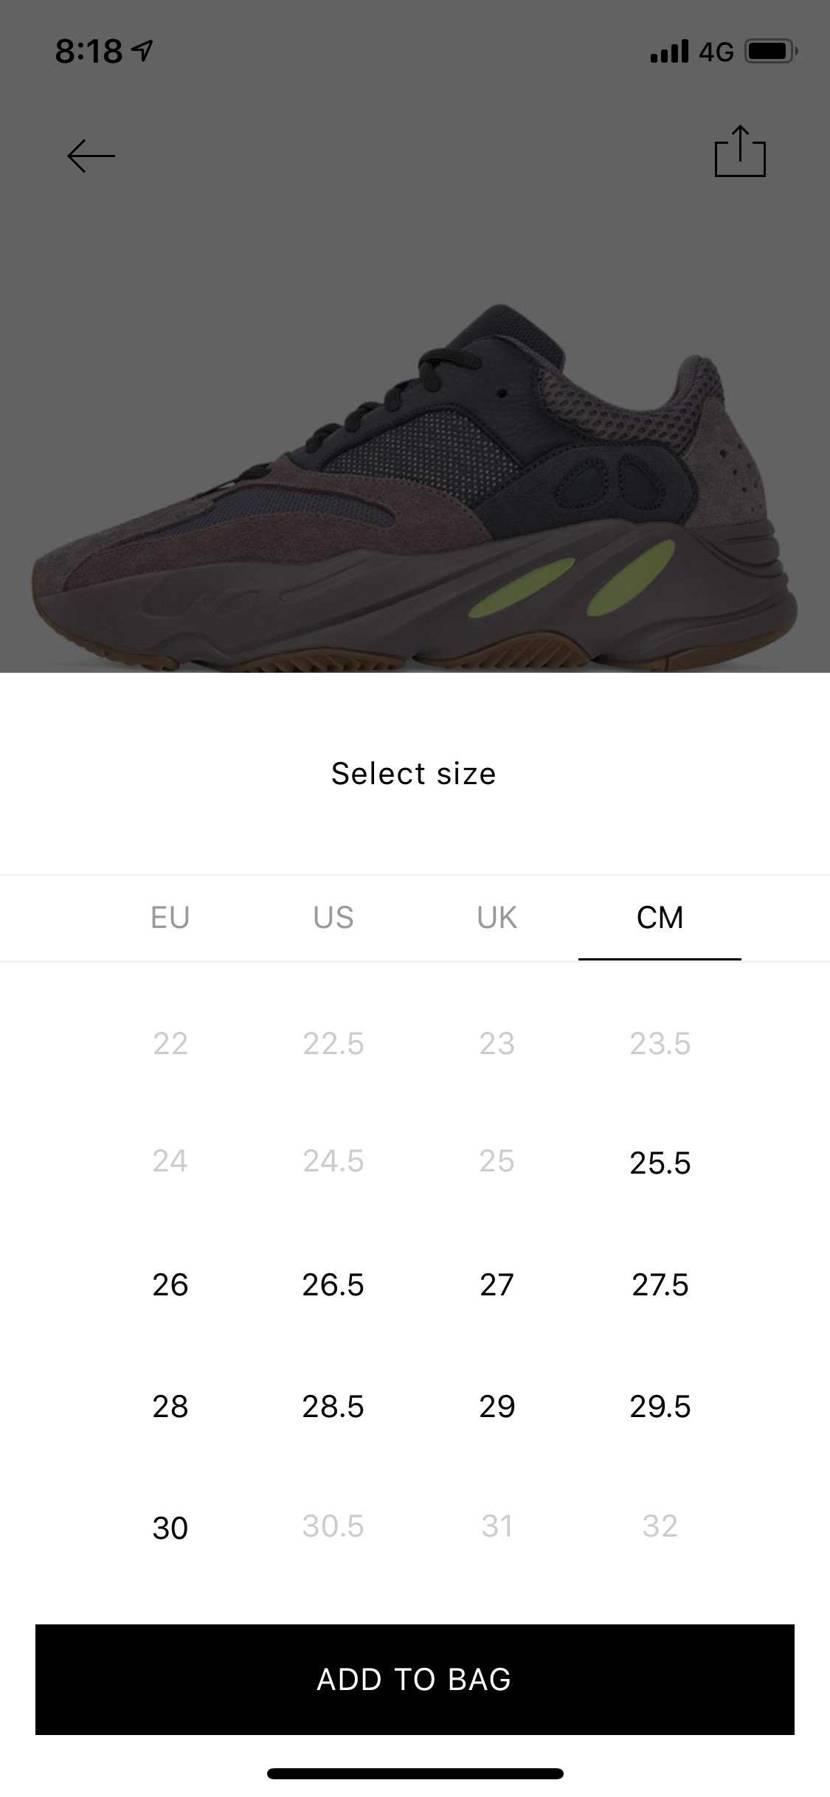 イージー700って他色なら海外サイトで普通に買えるんですね。